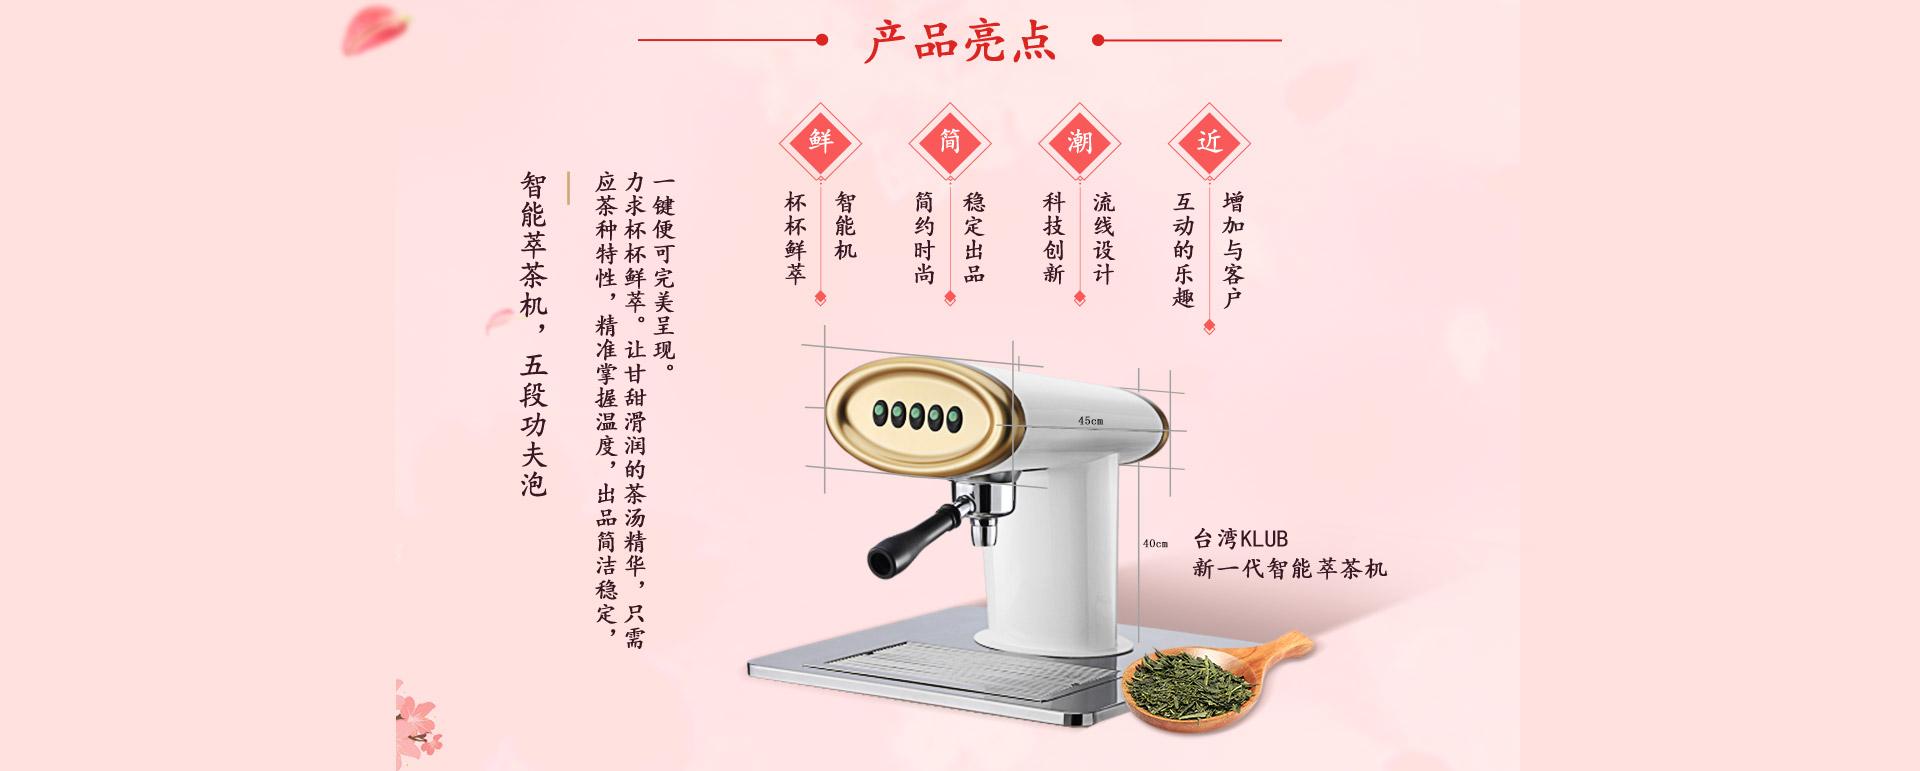 新中式茶饮加盟